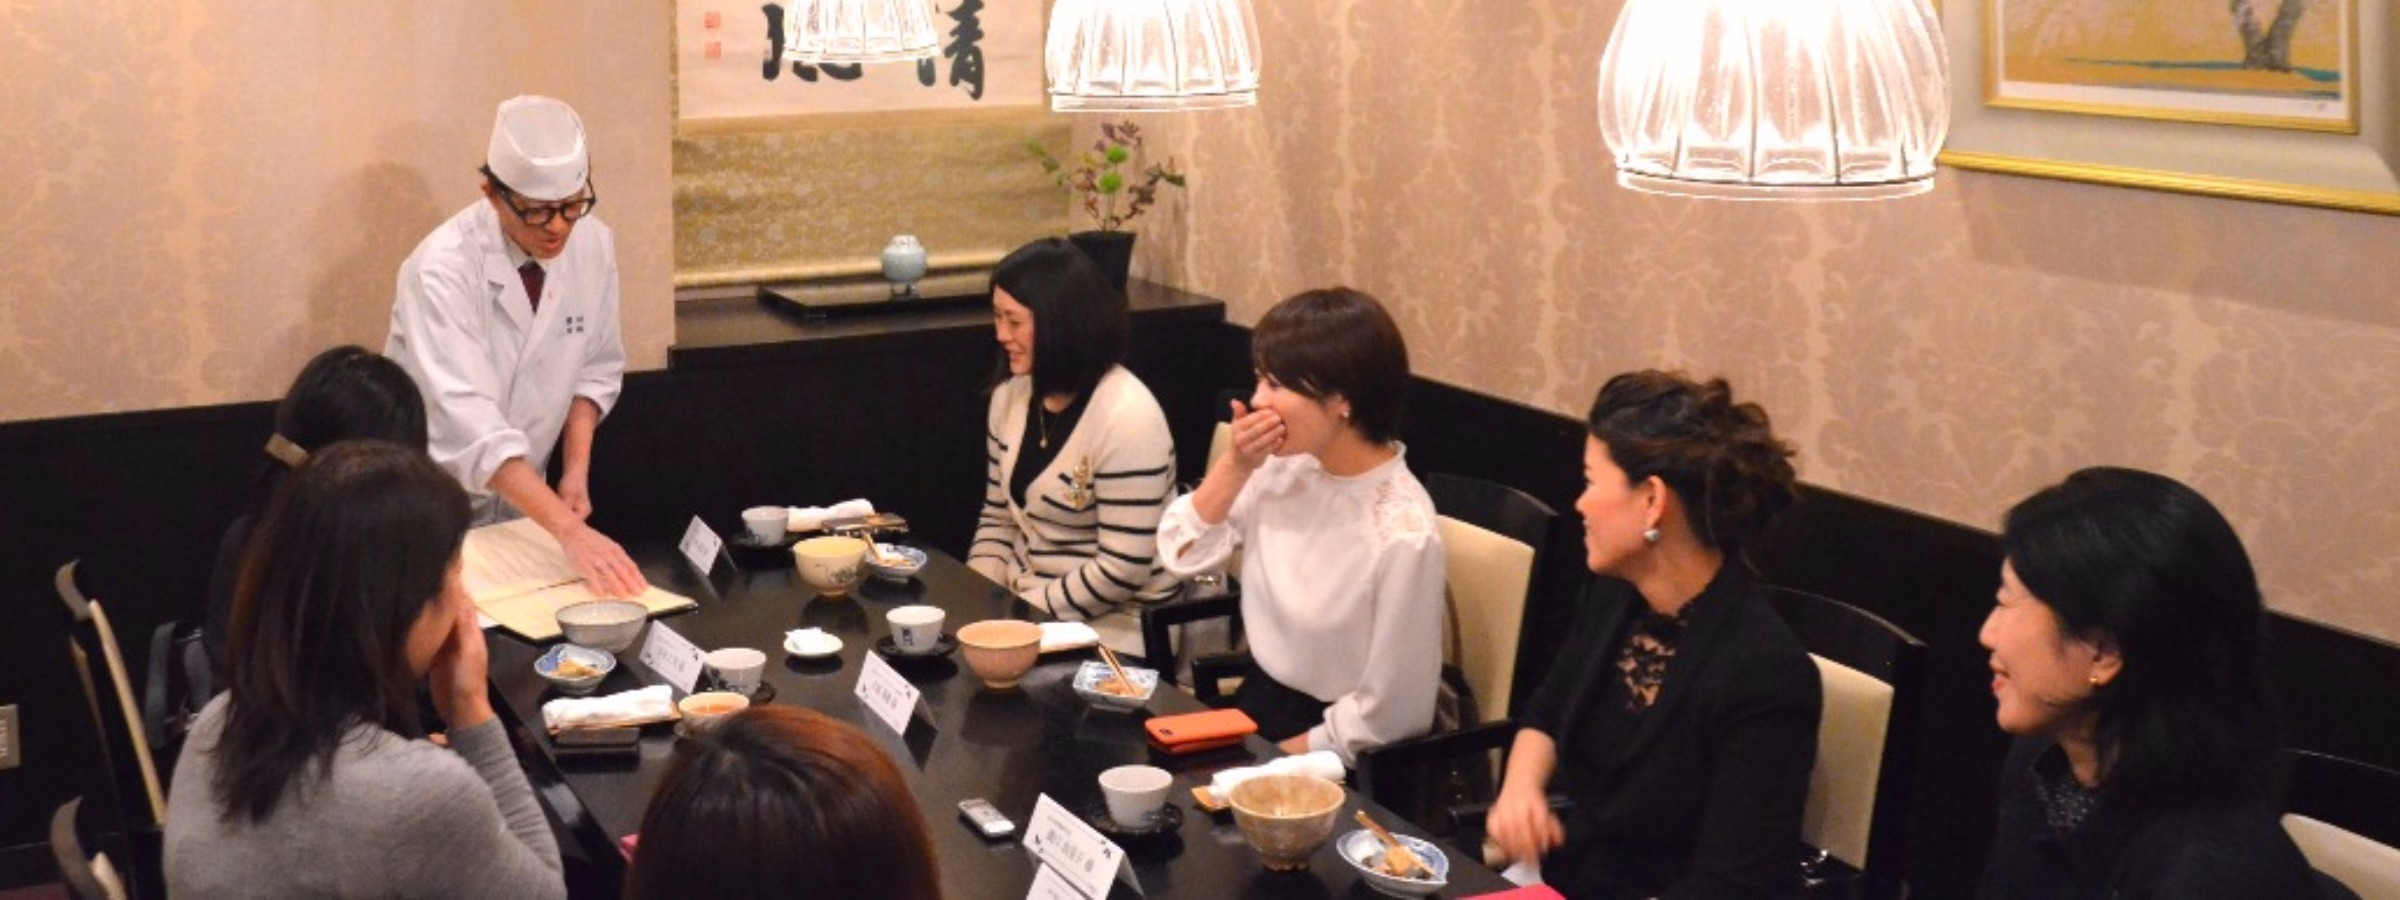 櫻川の会食の様子